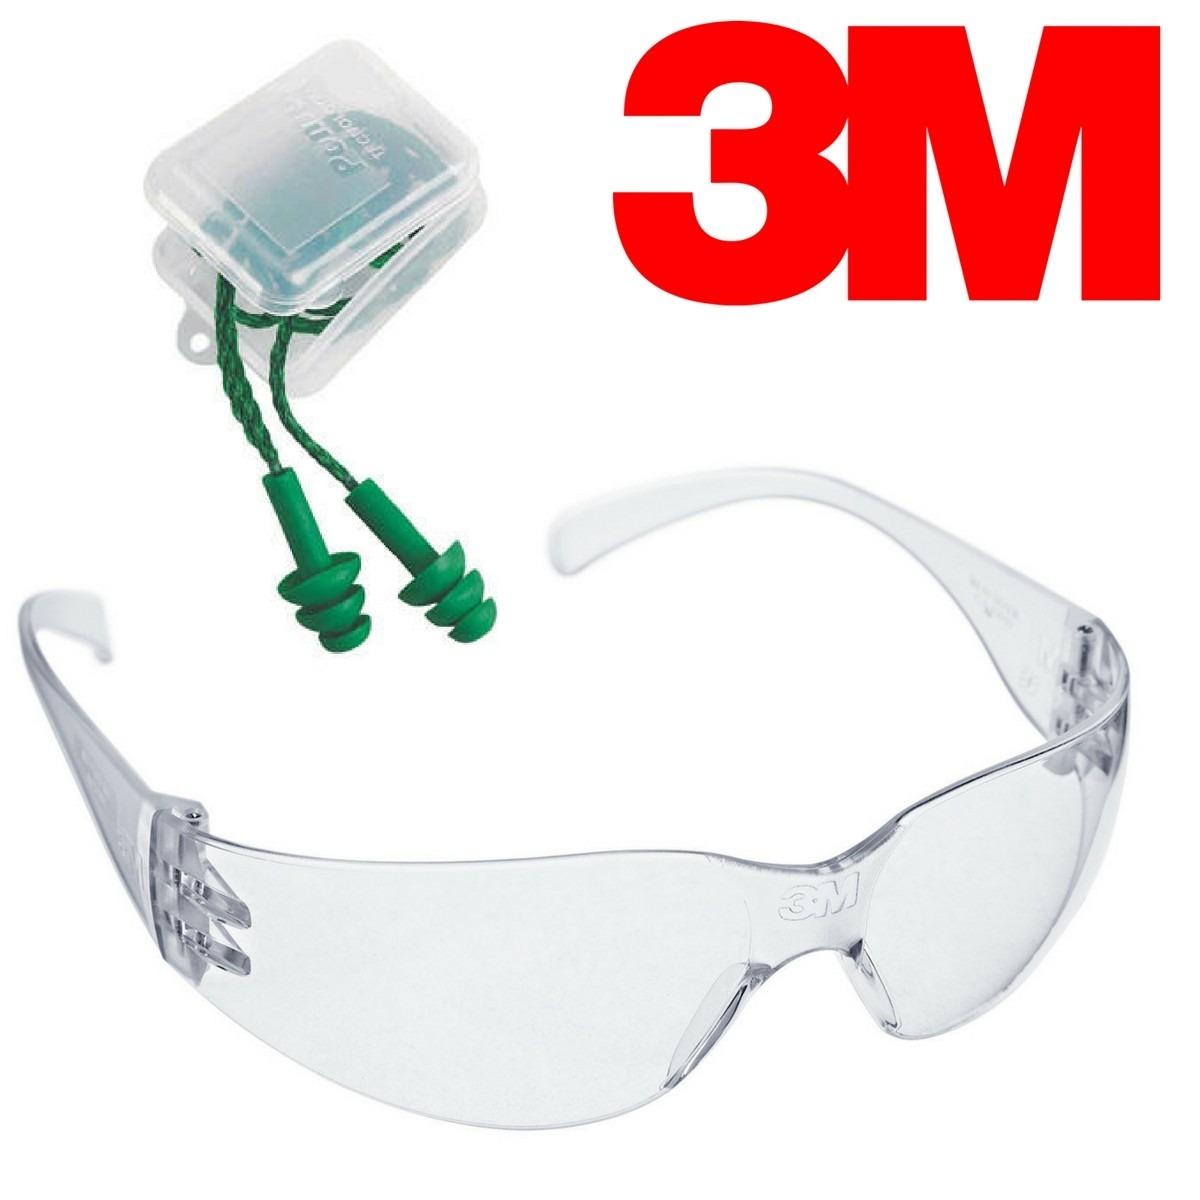 3165427b085db oculos segurança trabalho kit 3m+protetor auricular auditivo. Carregando  zoom.